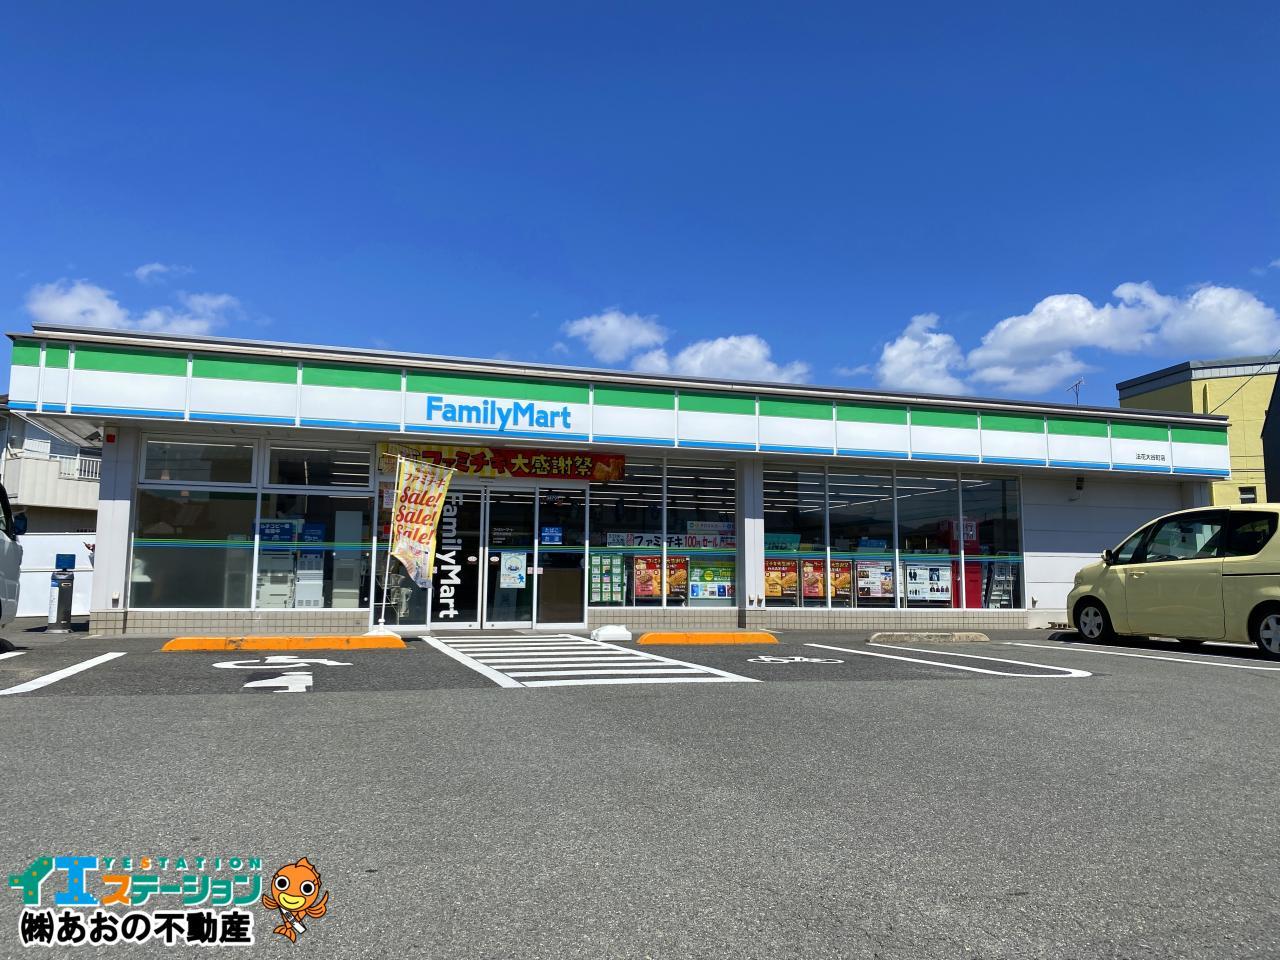 ファミリーマート 法花大橋北店